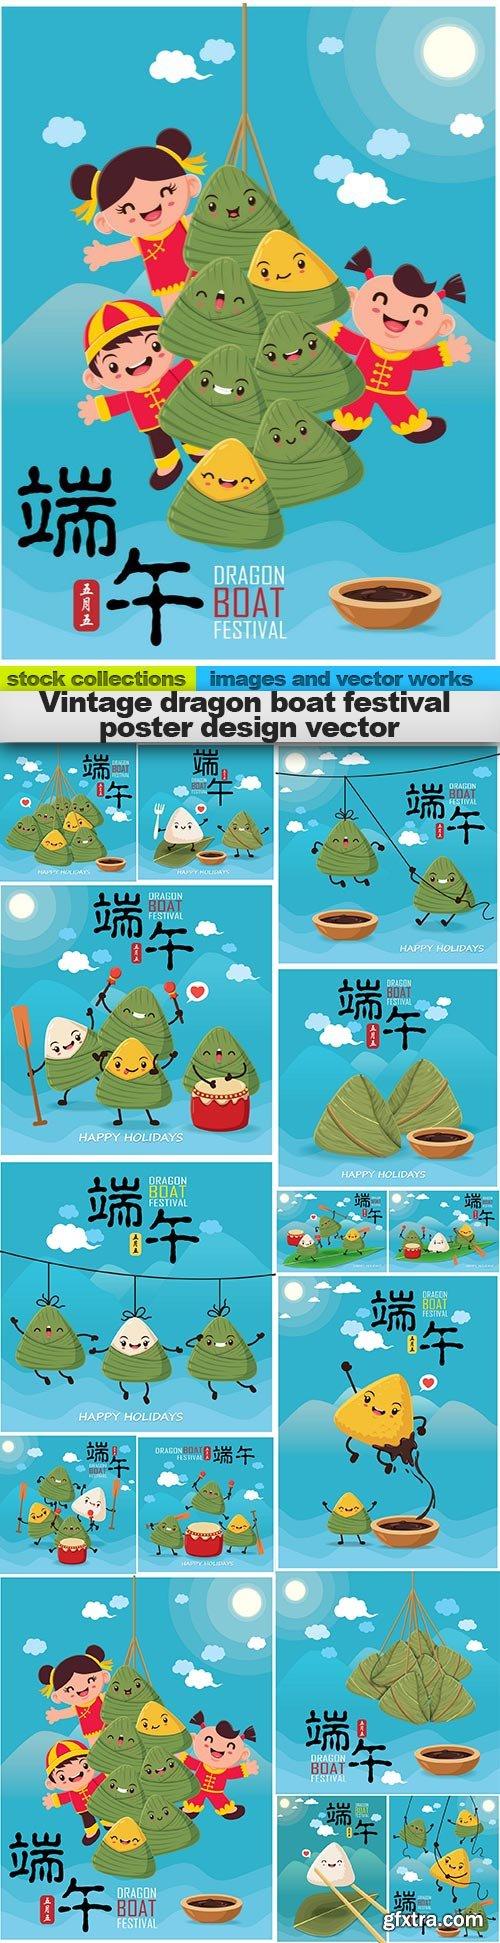 Vintage dragon boat festival poster design vector, 15 x EPS